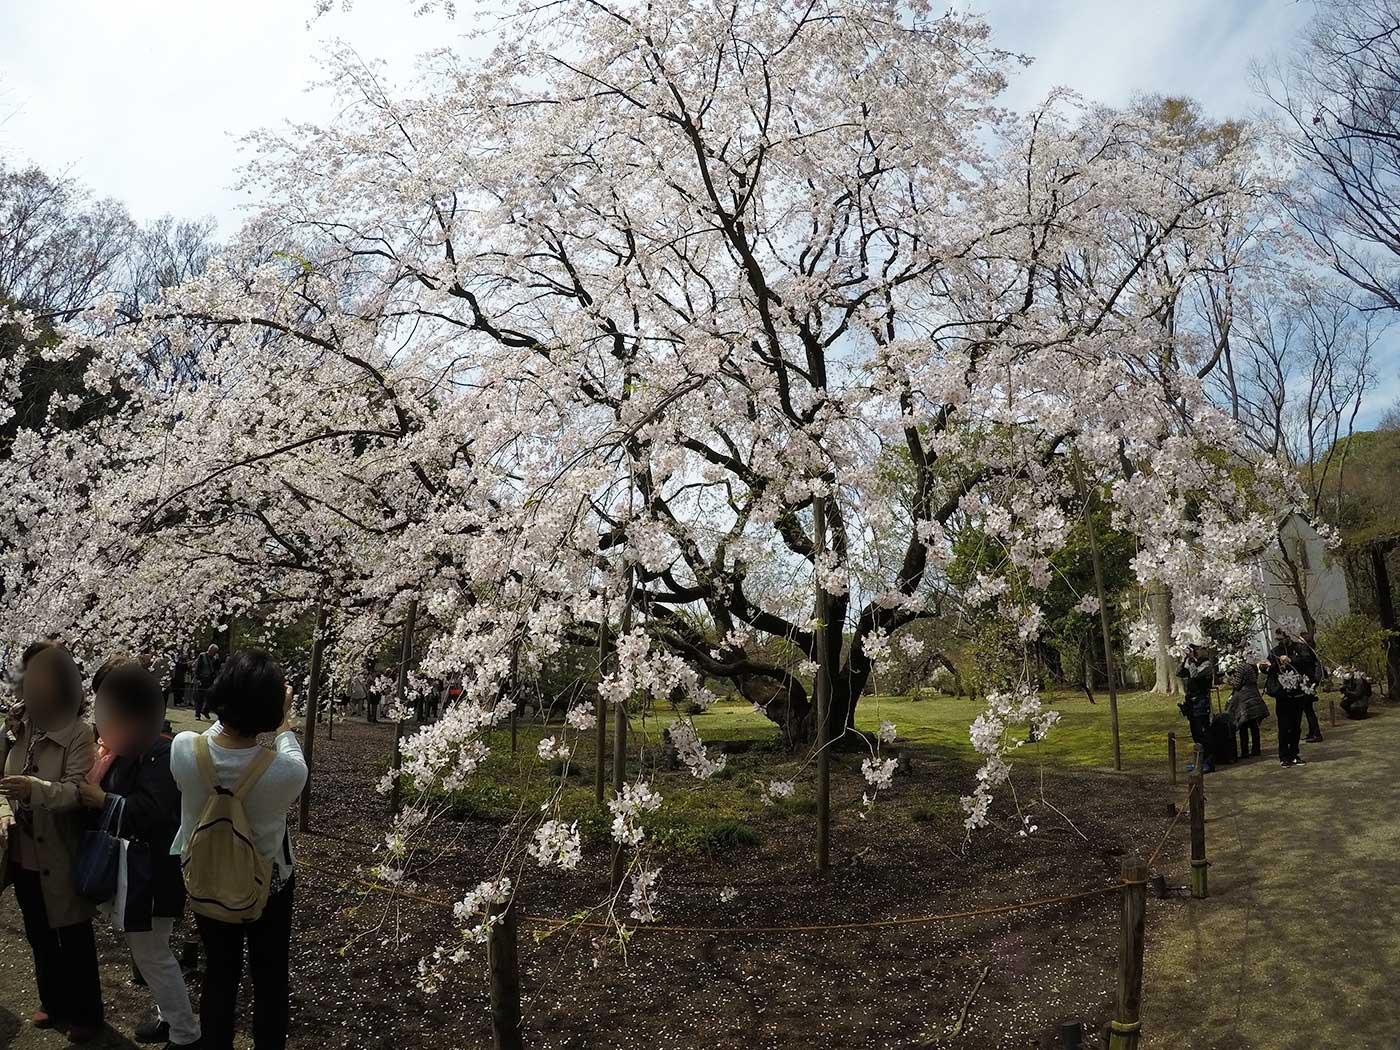 枝垂れ桜を広角レンズで撮影